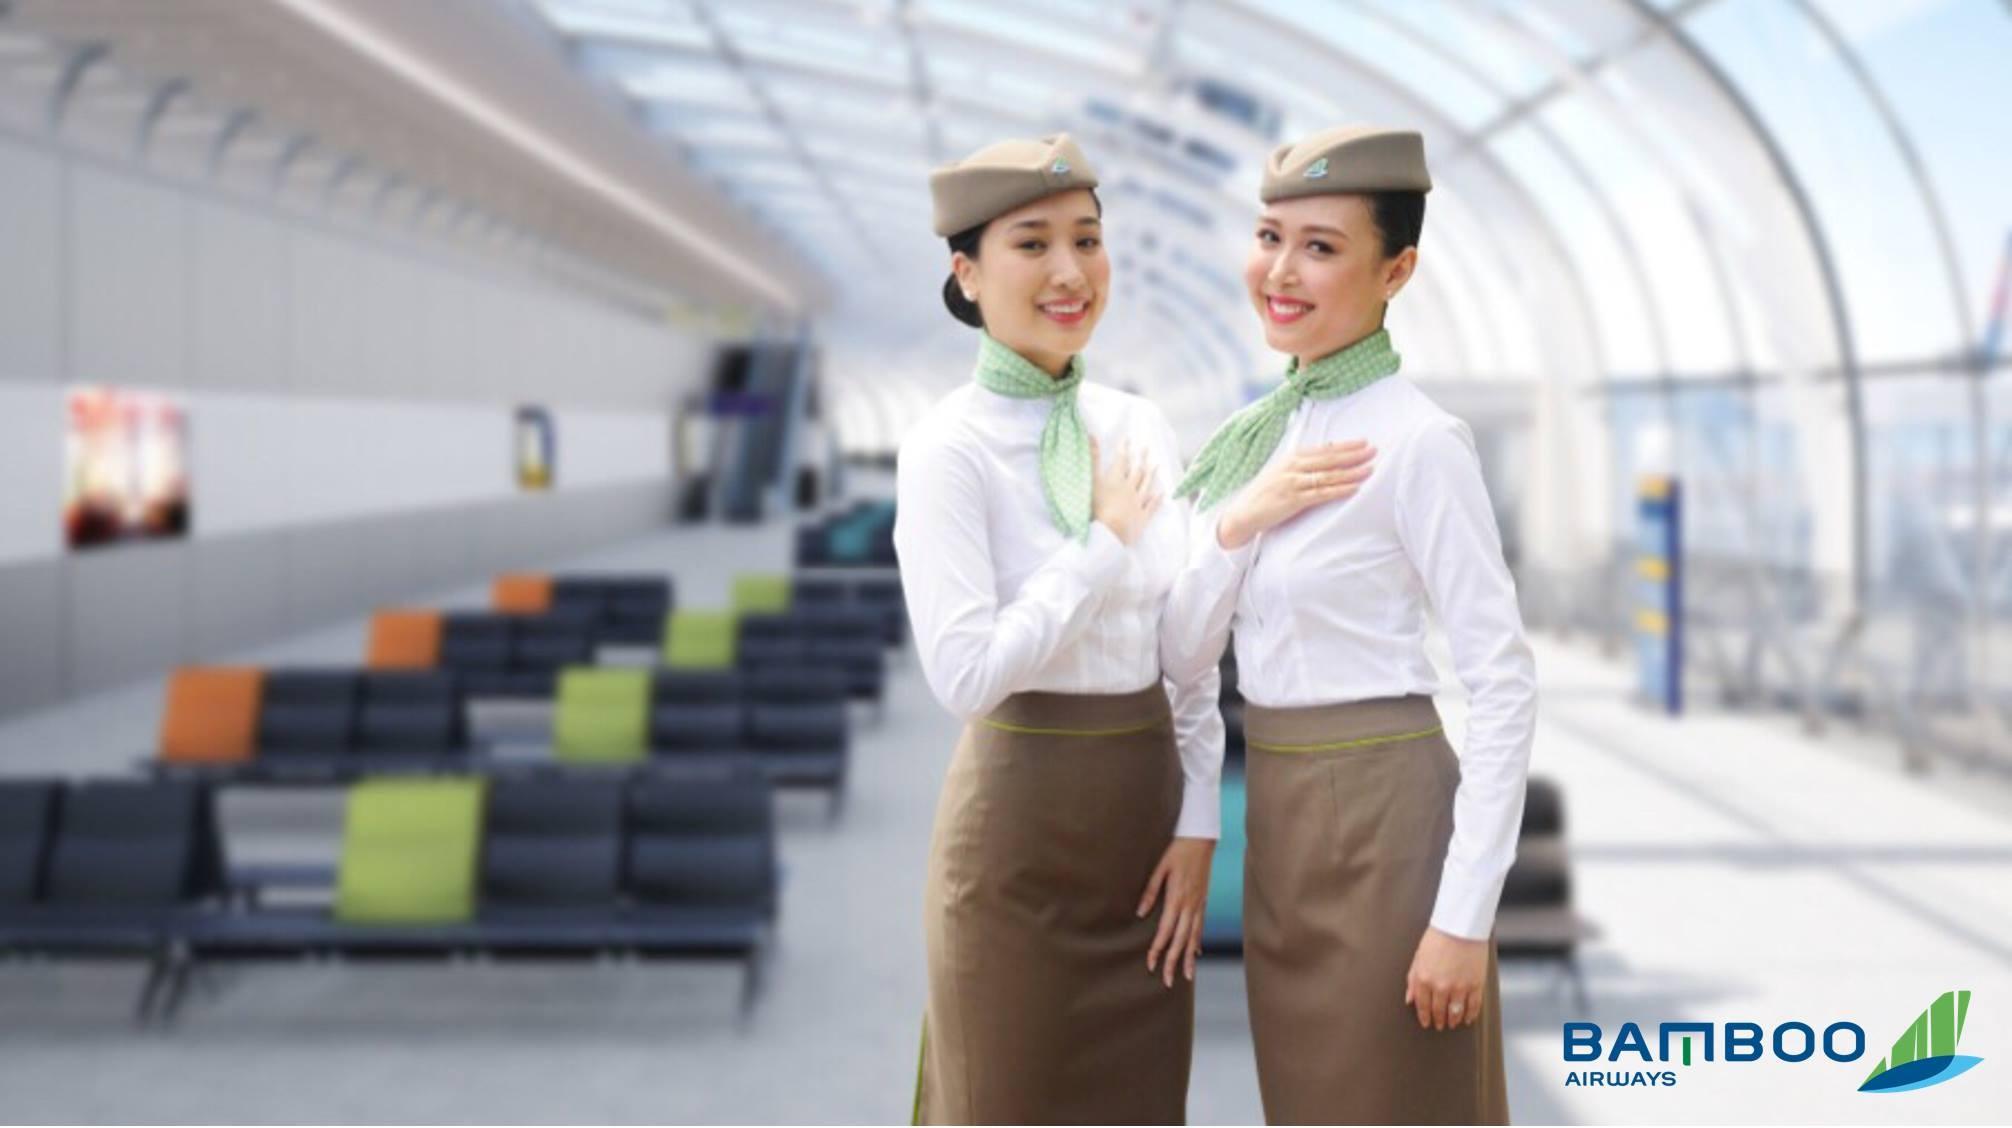 TBamboo Airways tuyển dụng Chuyên viên Trực Ban Thương Mại